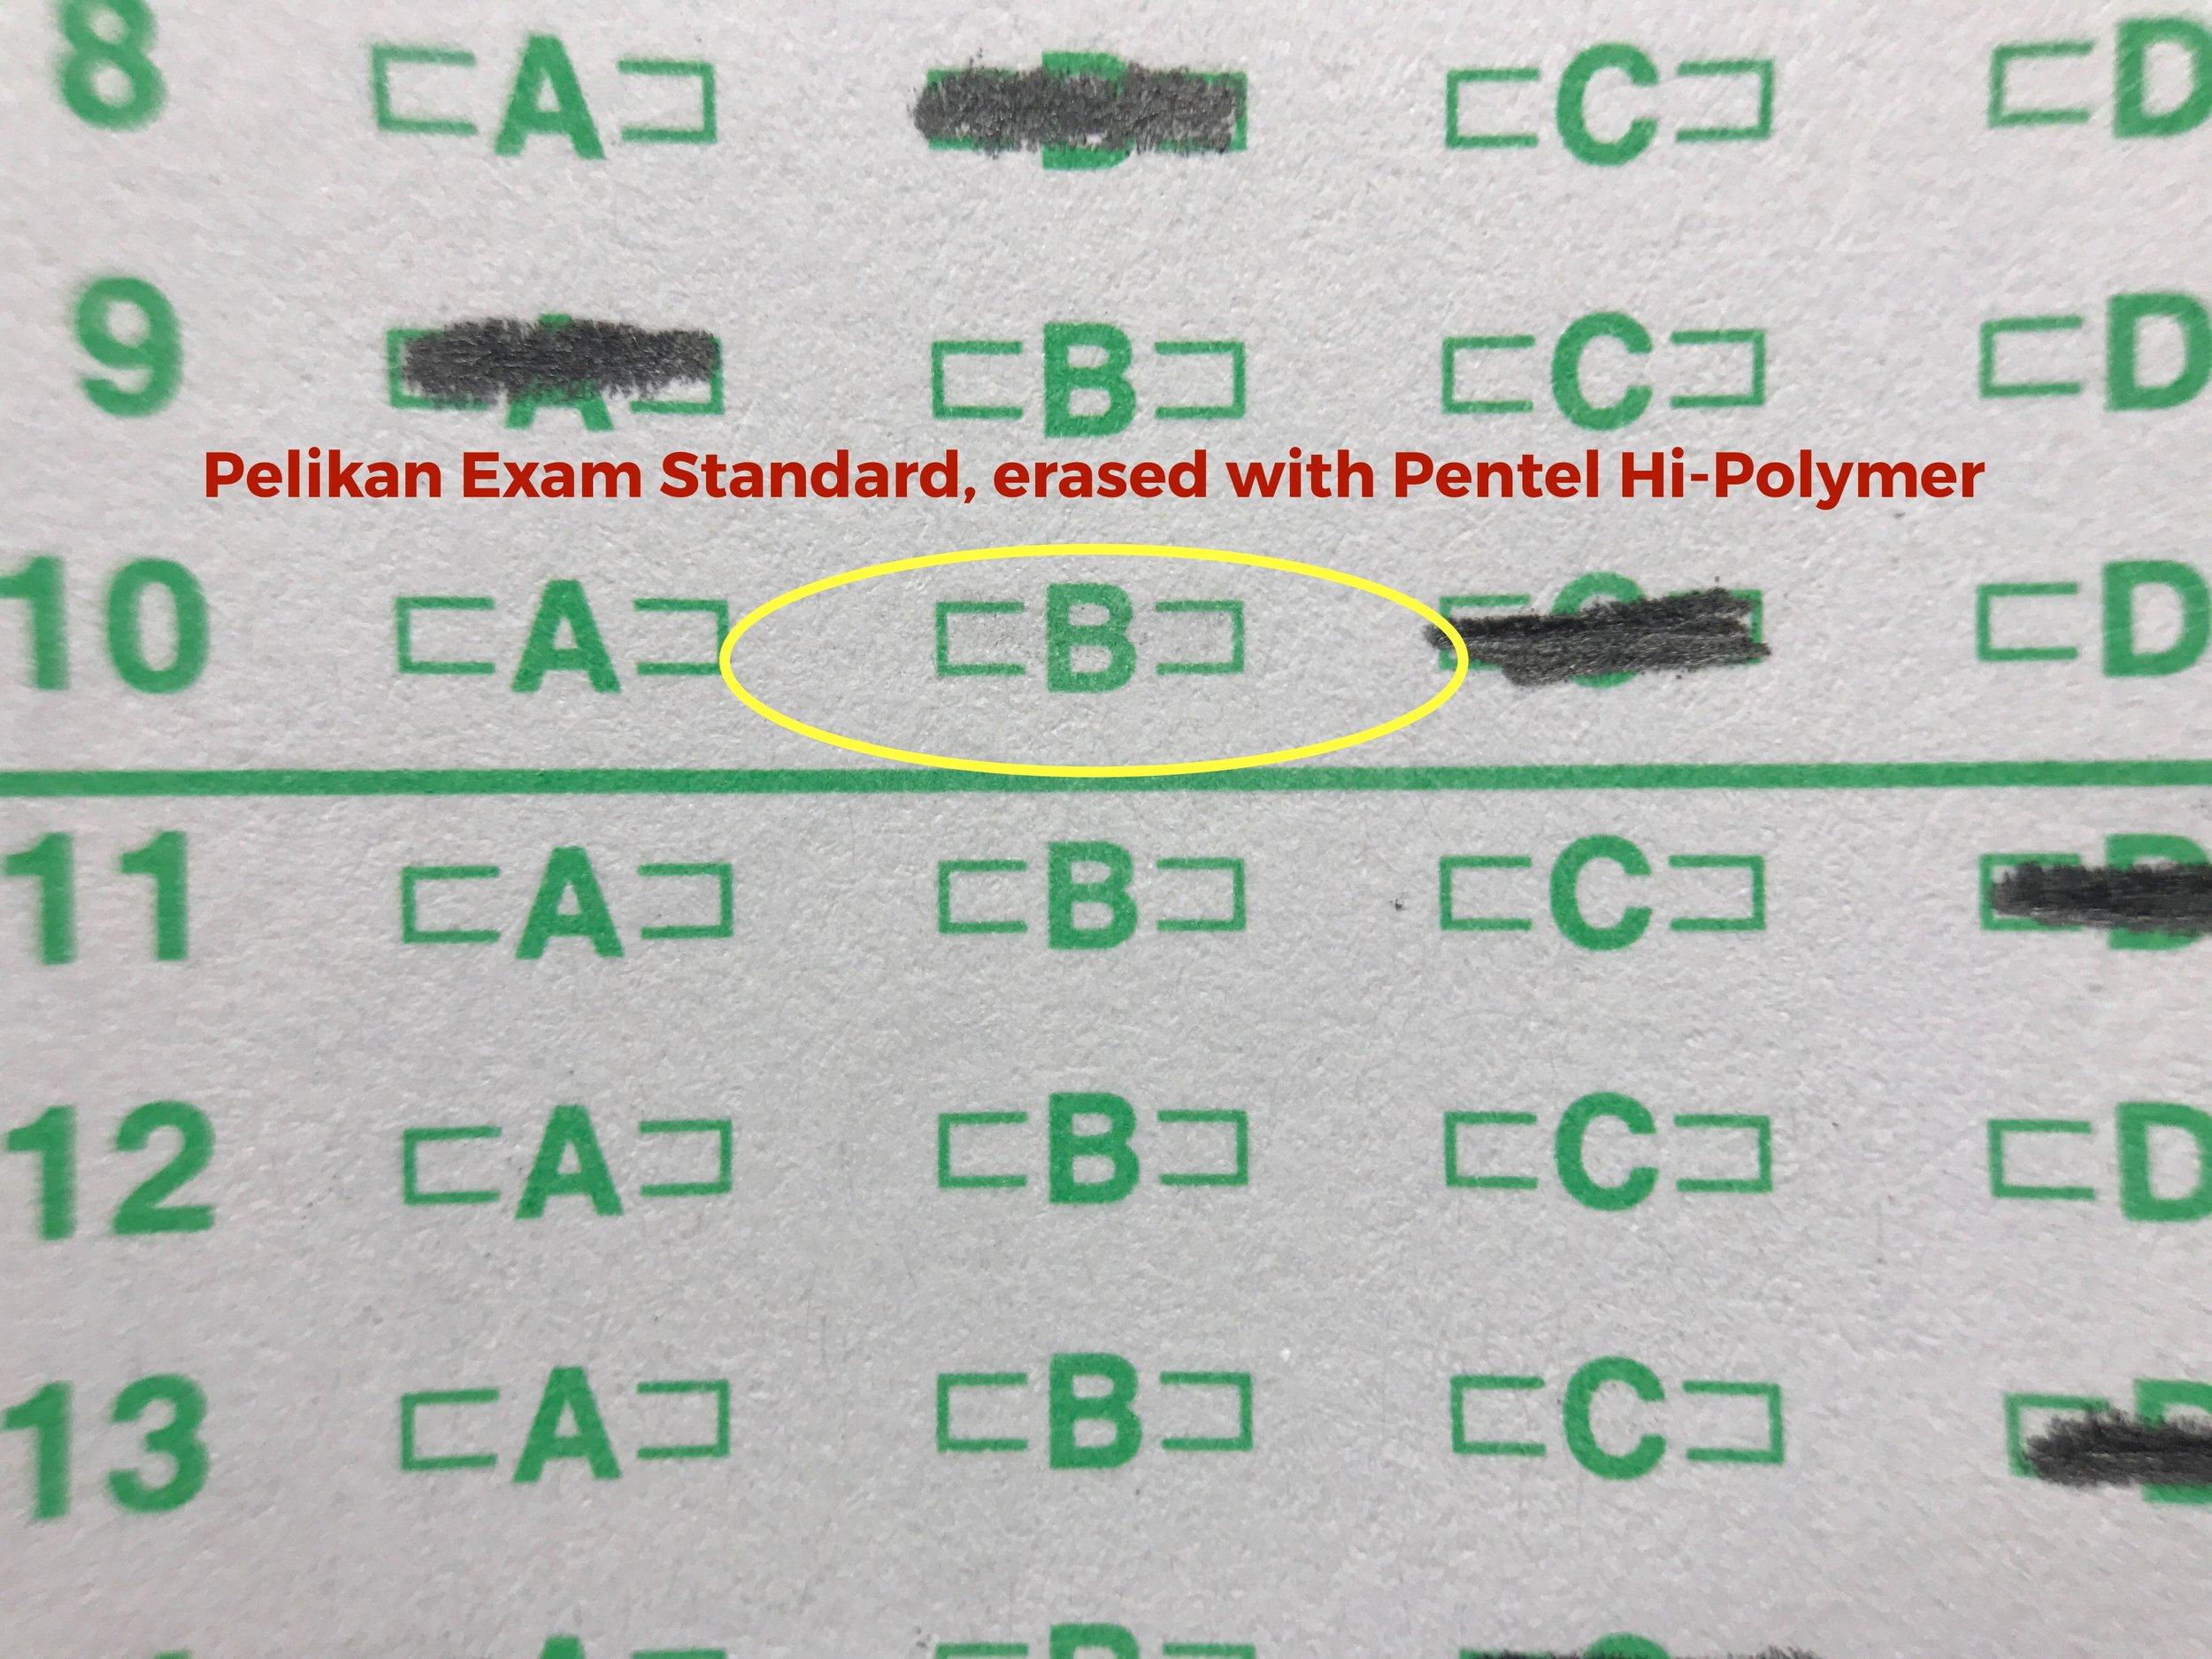 Pelikan-Exam-Standard-Pencil-2.jpg